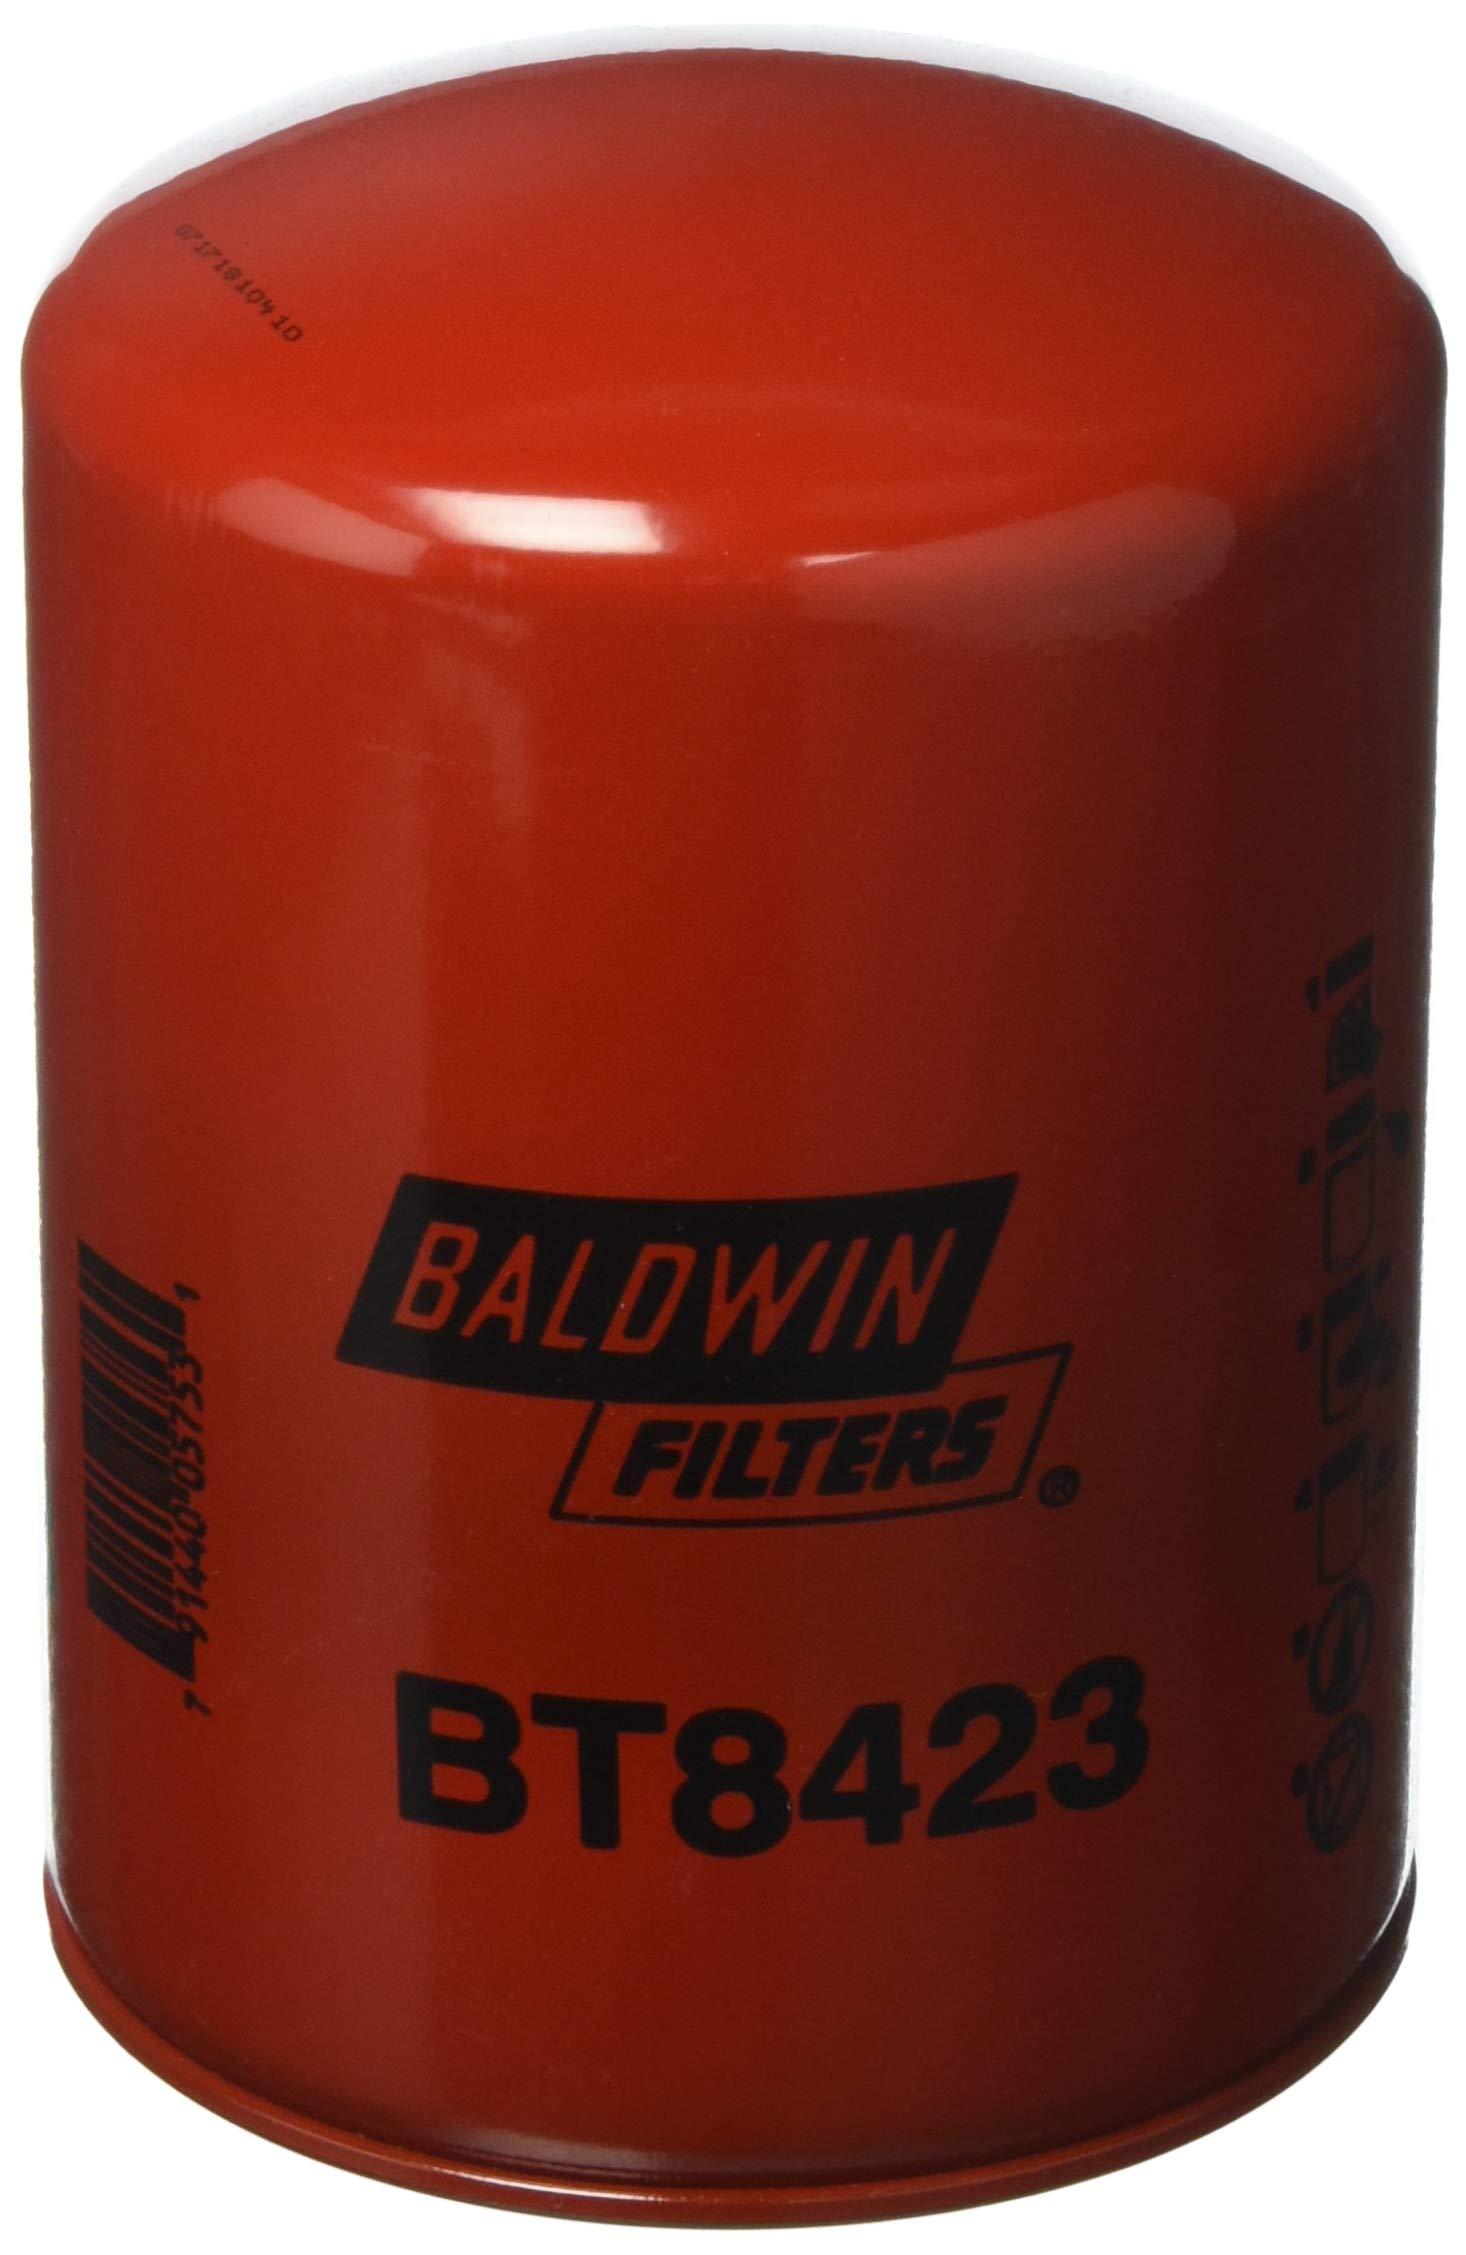 Baldwin BT8423 Heavy Duty Hydraulic Spin-On Filter by Baldwin